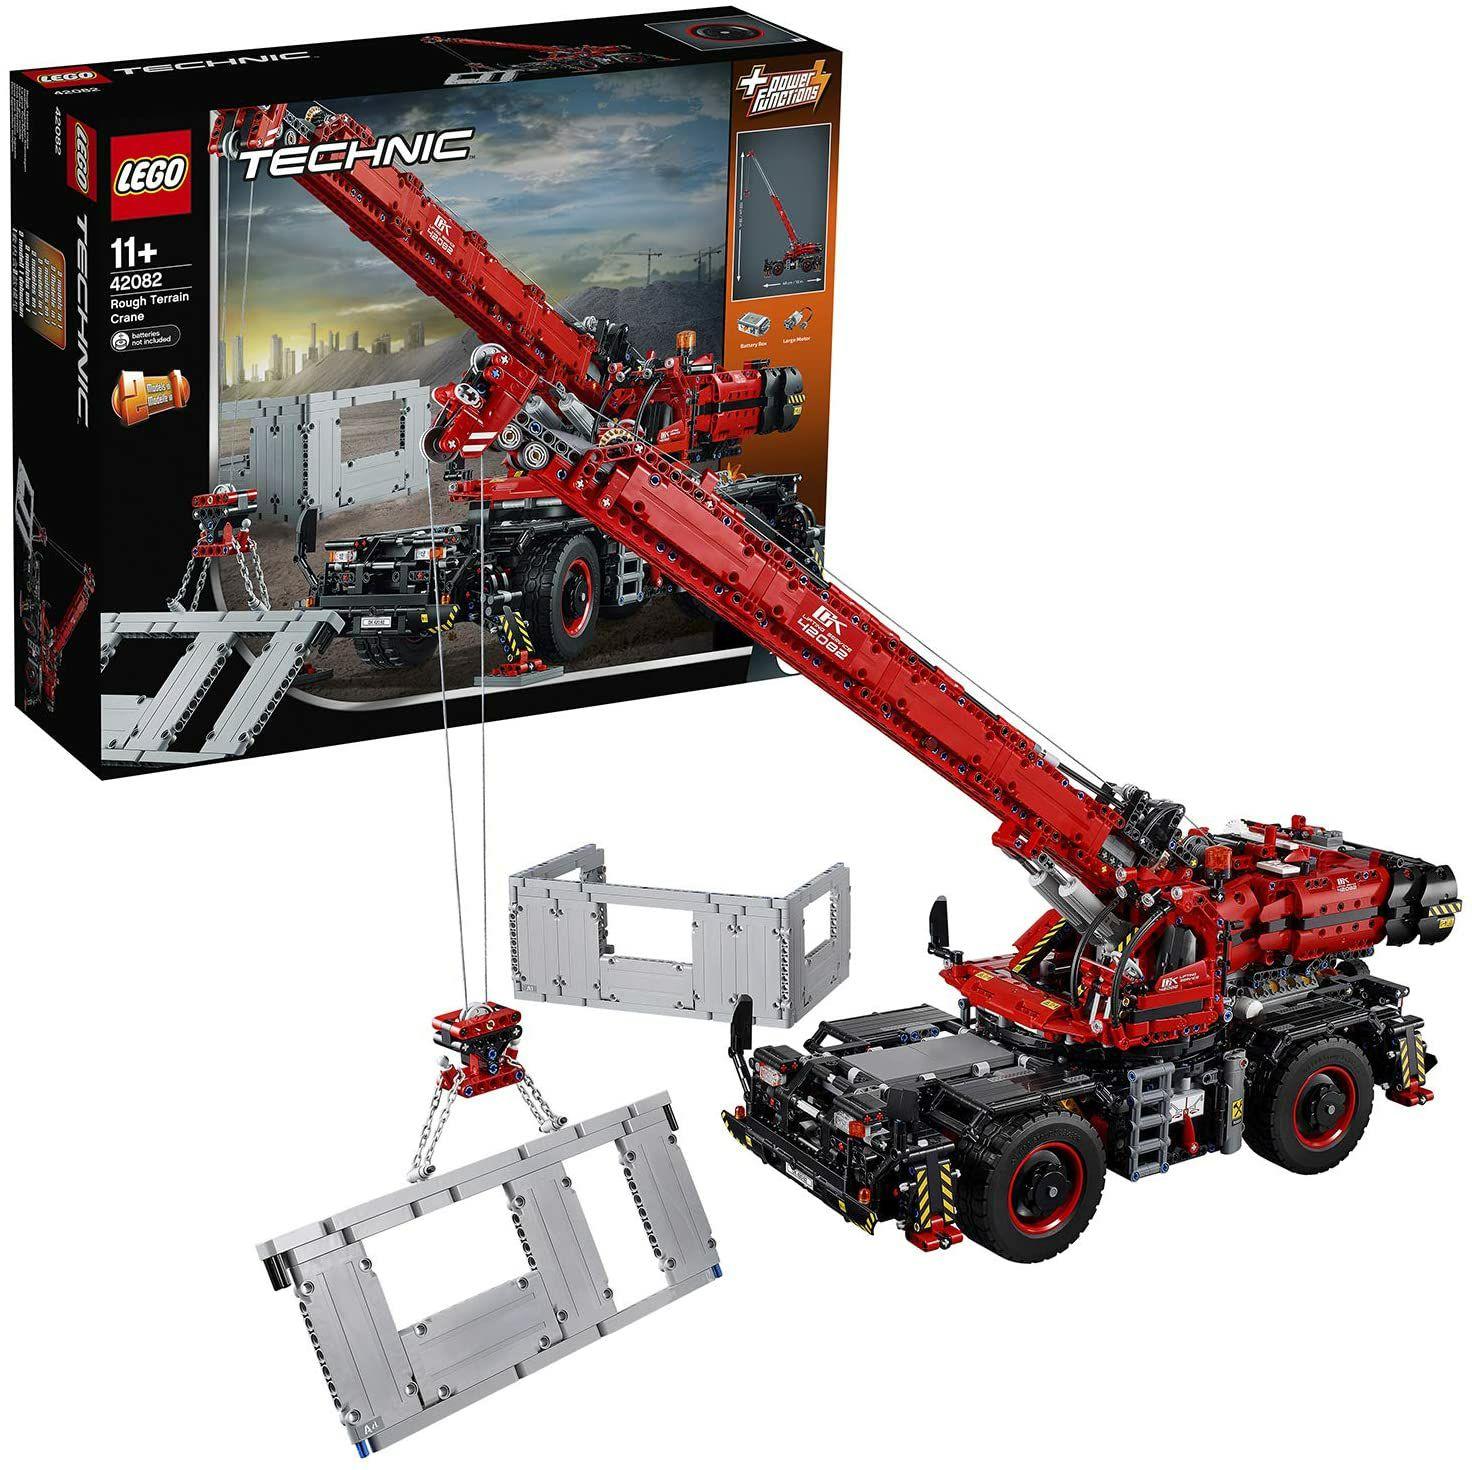 LEGO Technic 42082 Terrein kraanwagen